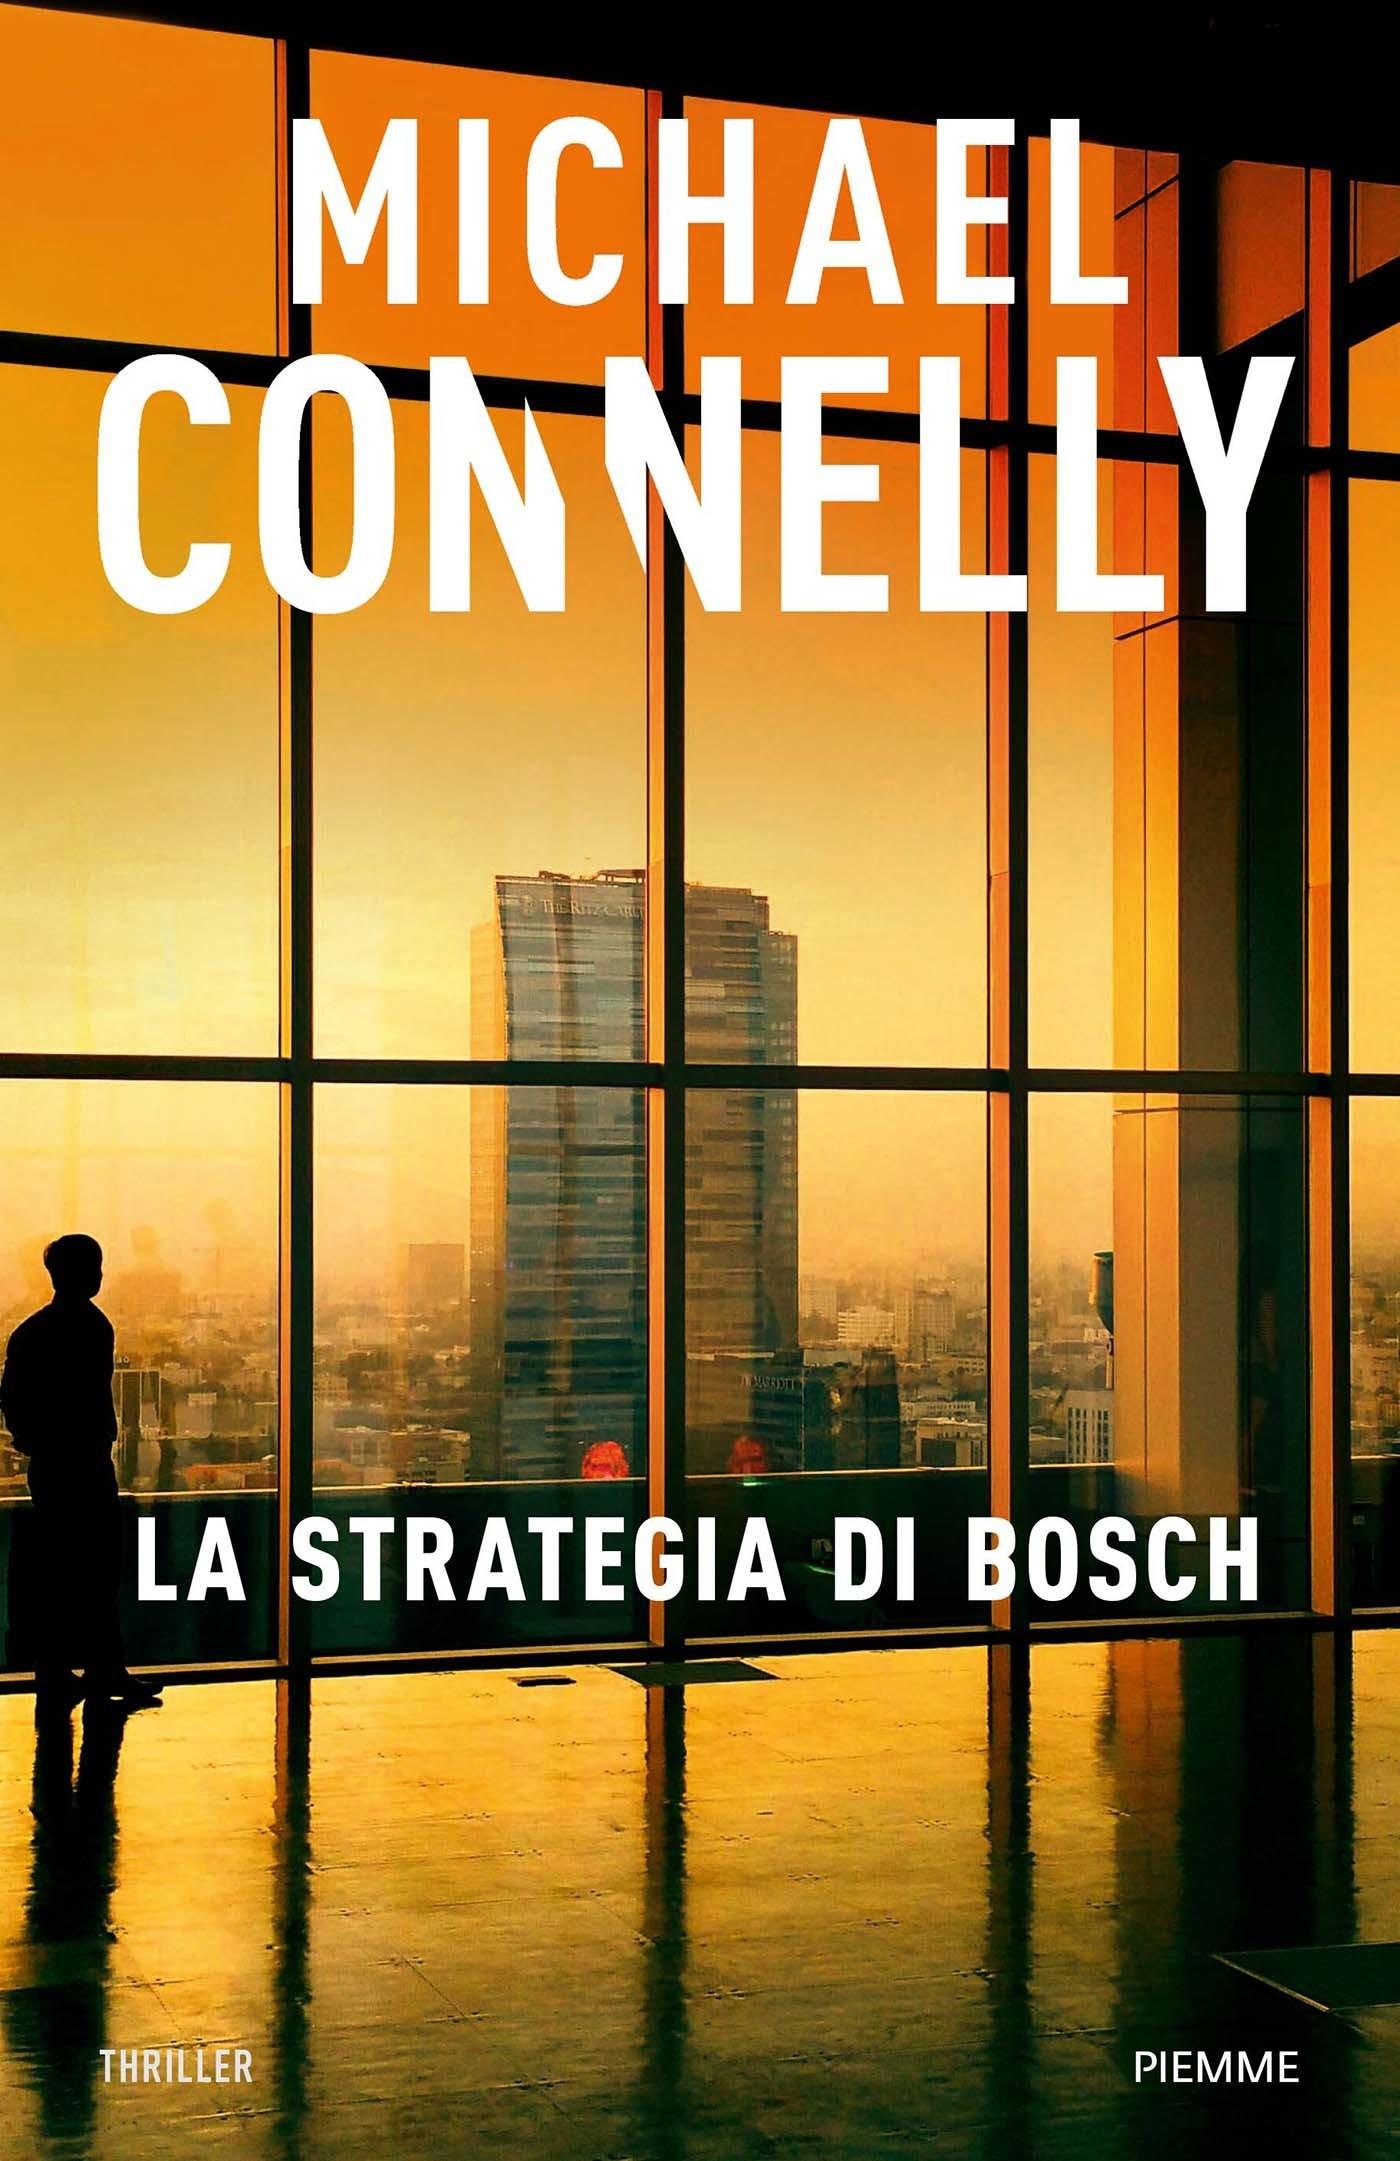 La strategia di Bosc...